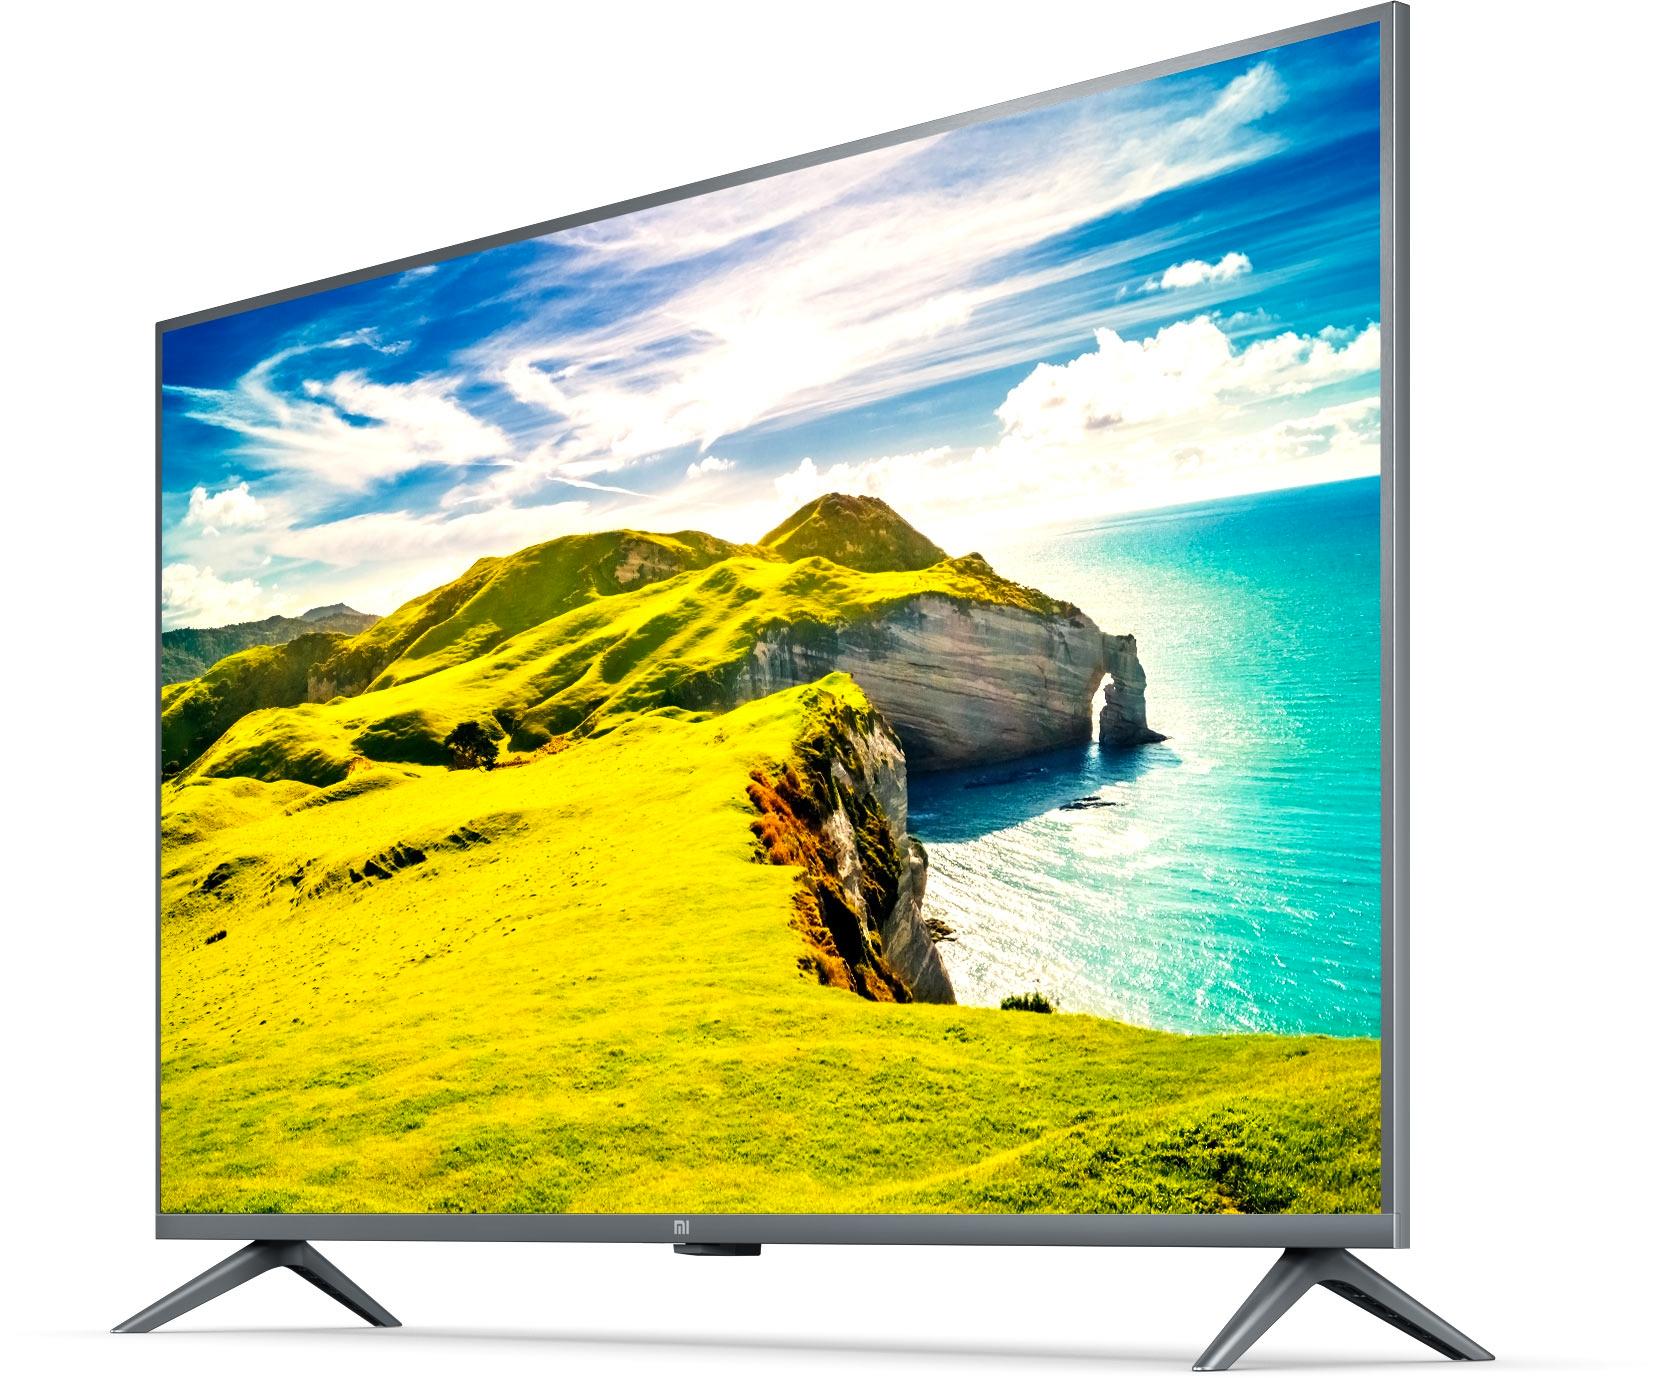 телевизор 55 дюймов купить